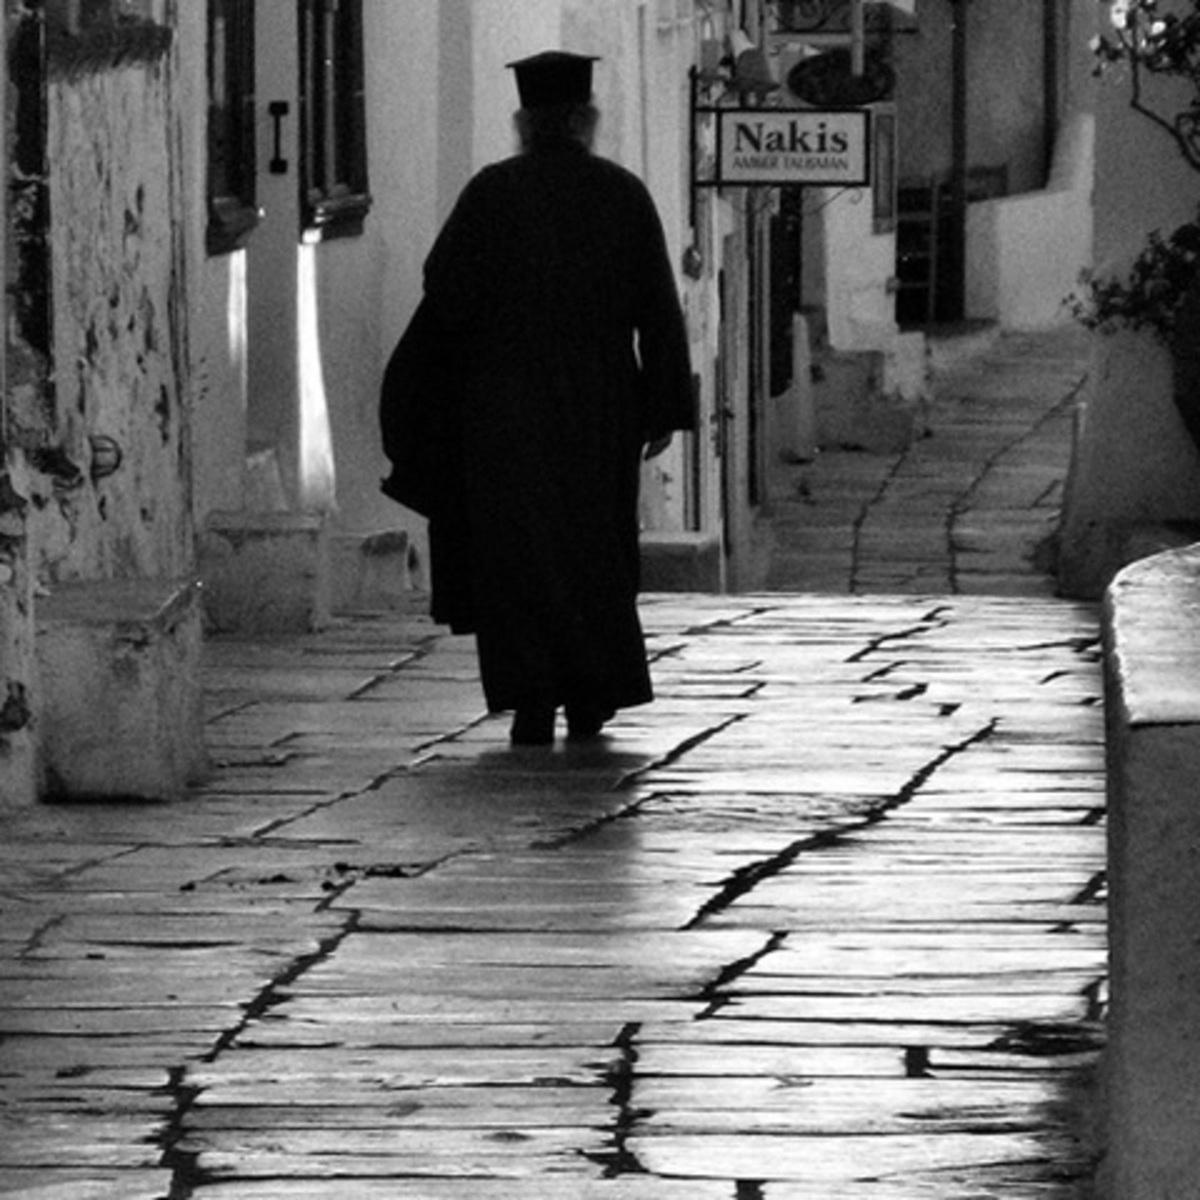 Αγρίνιο: Έγινε και αυτό: Έκλεψαν μέχρι τα ράσα του παπά! | Newsit.gr